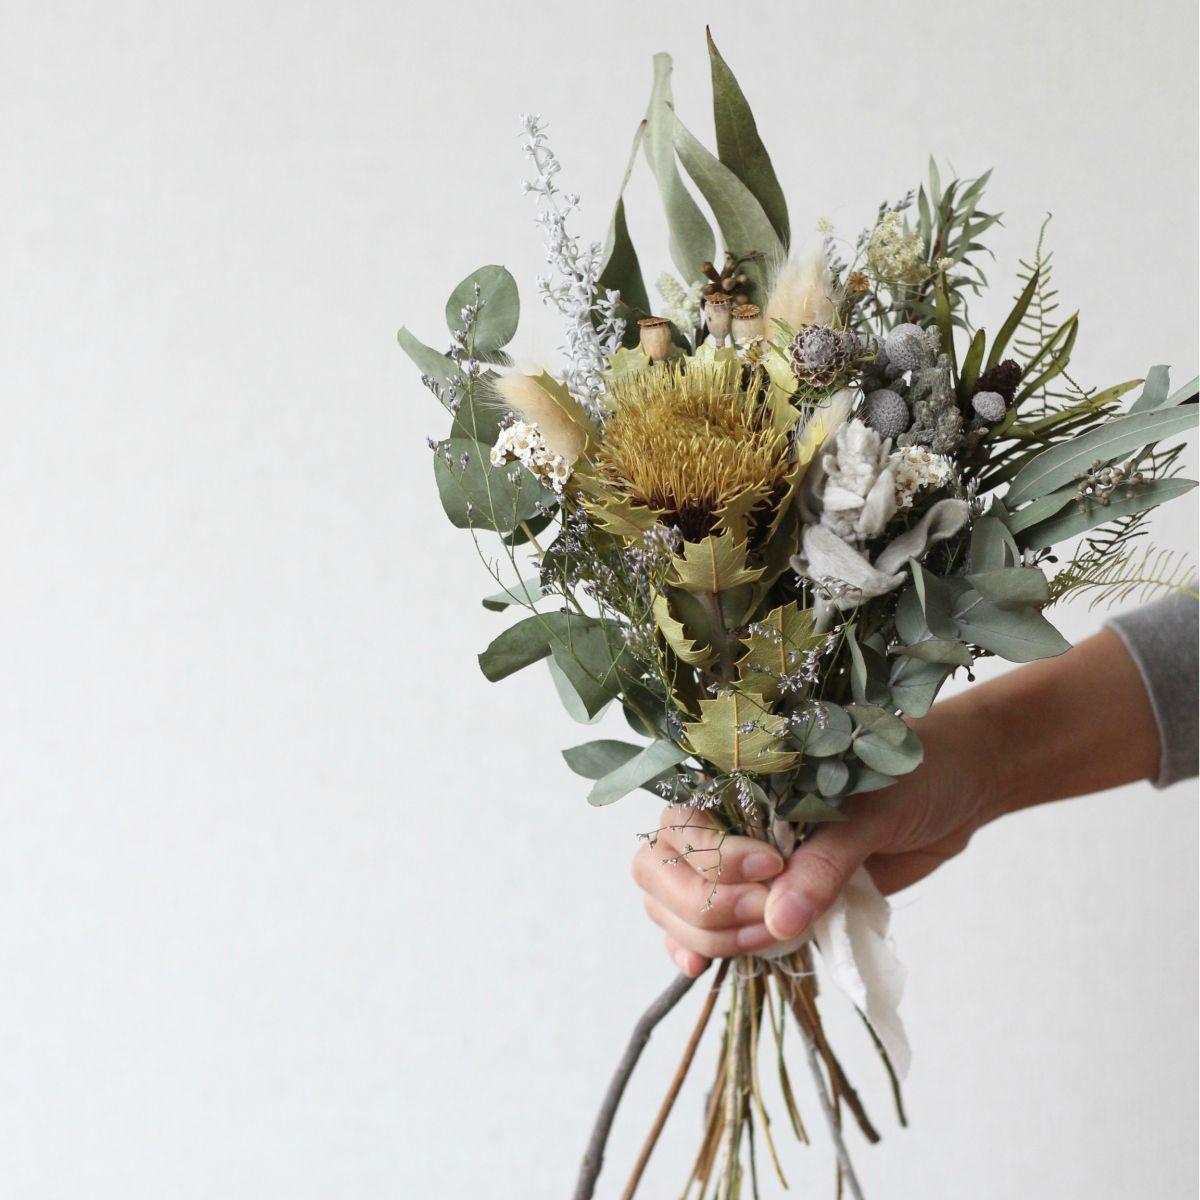 FLEURI (フルリ)| ドライフラワー dryflower リース wreath ブーケ ...